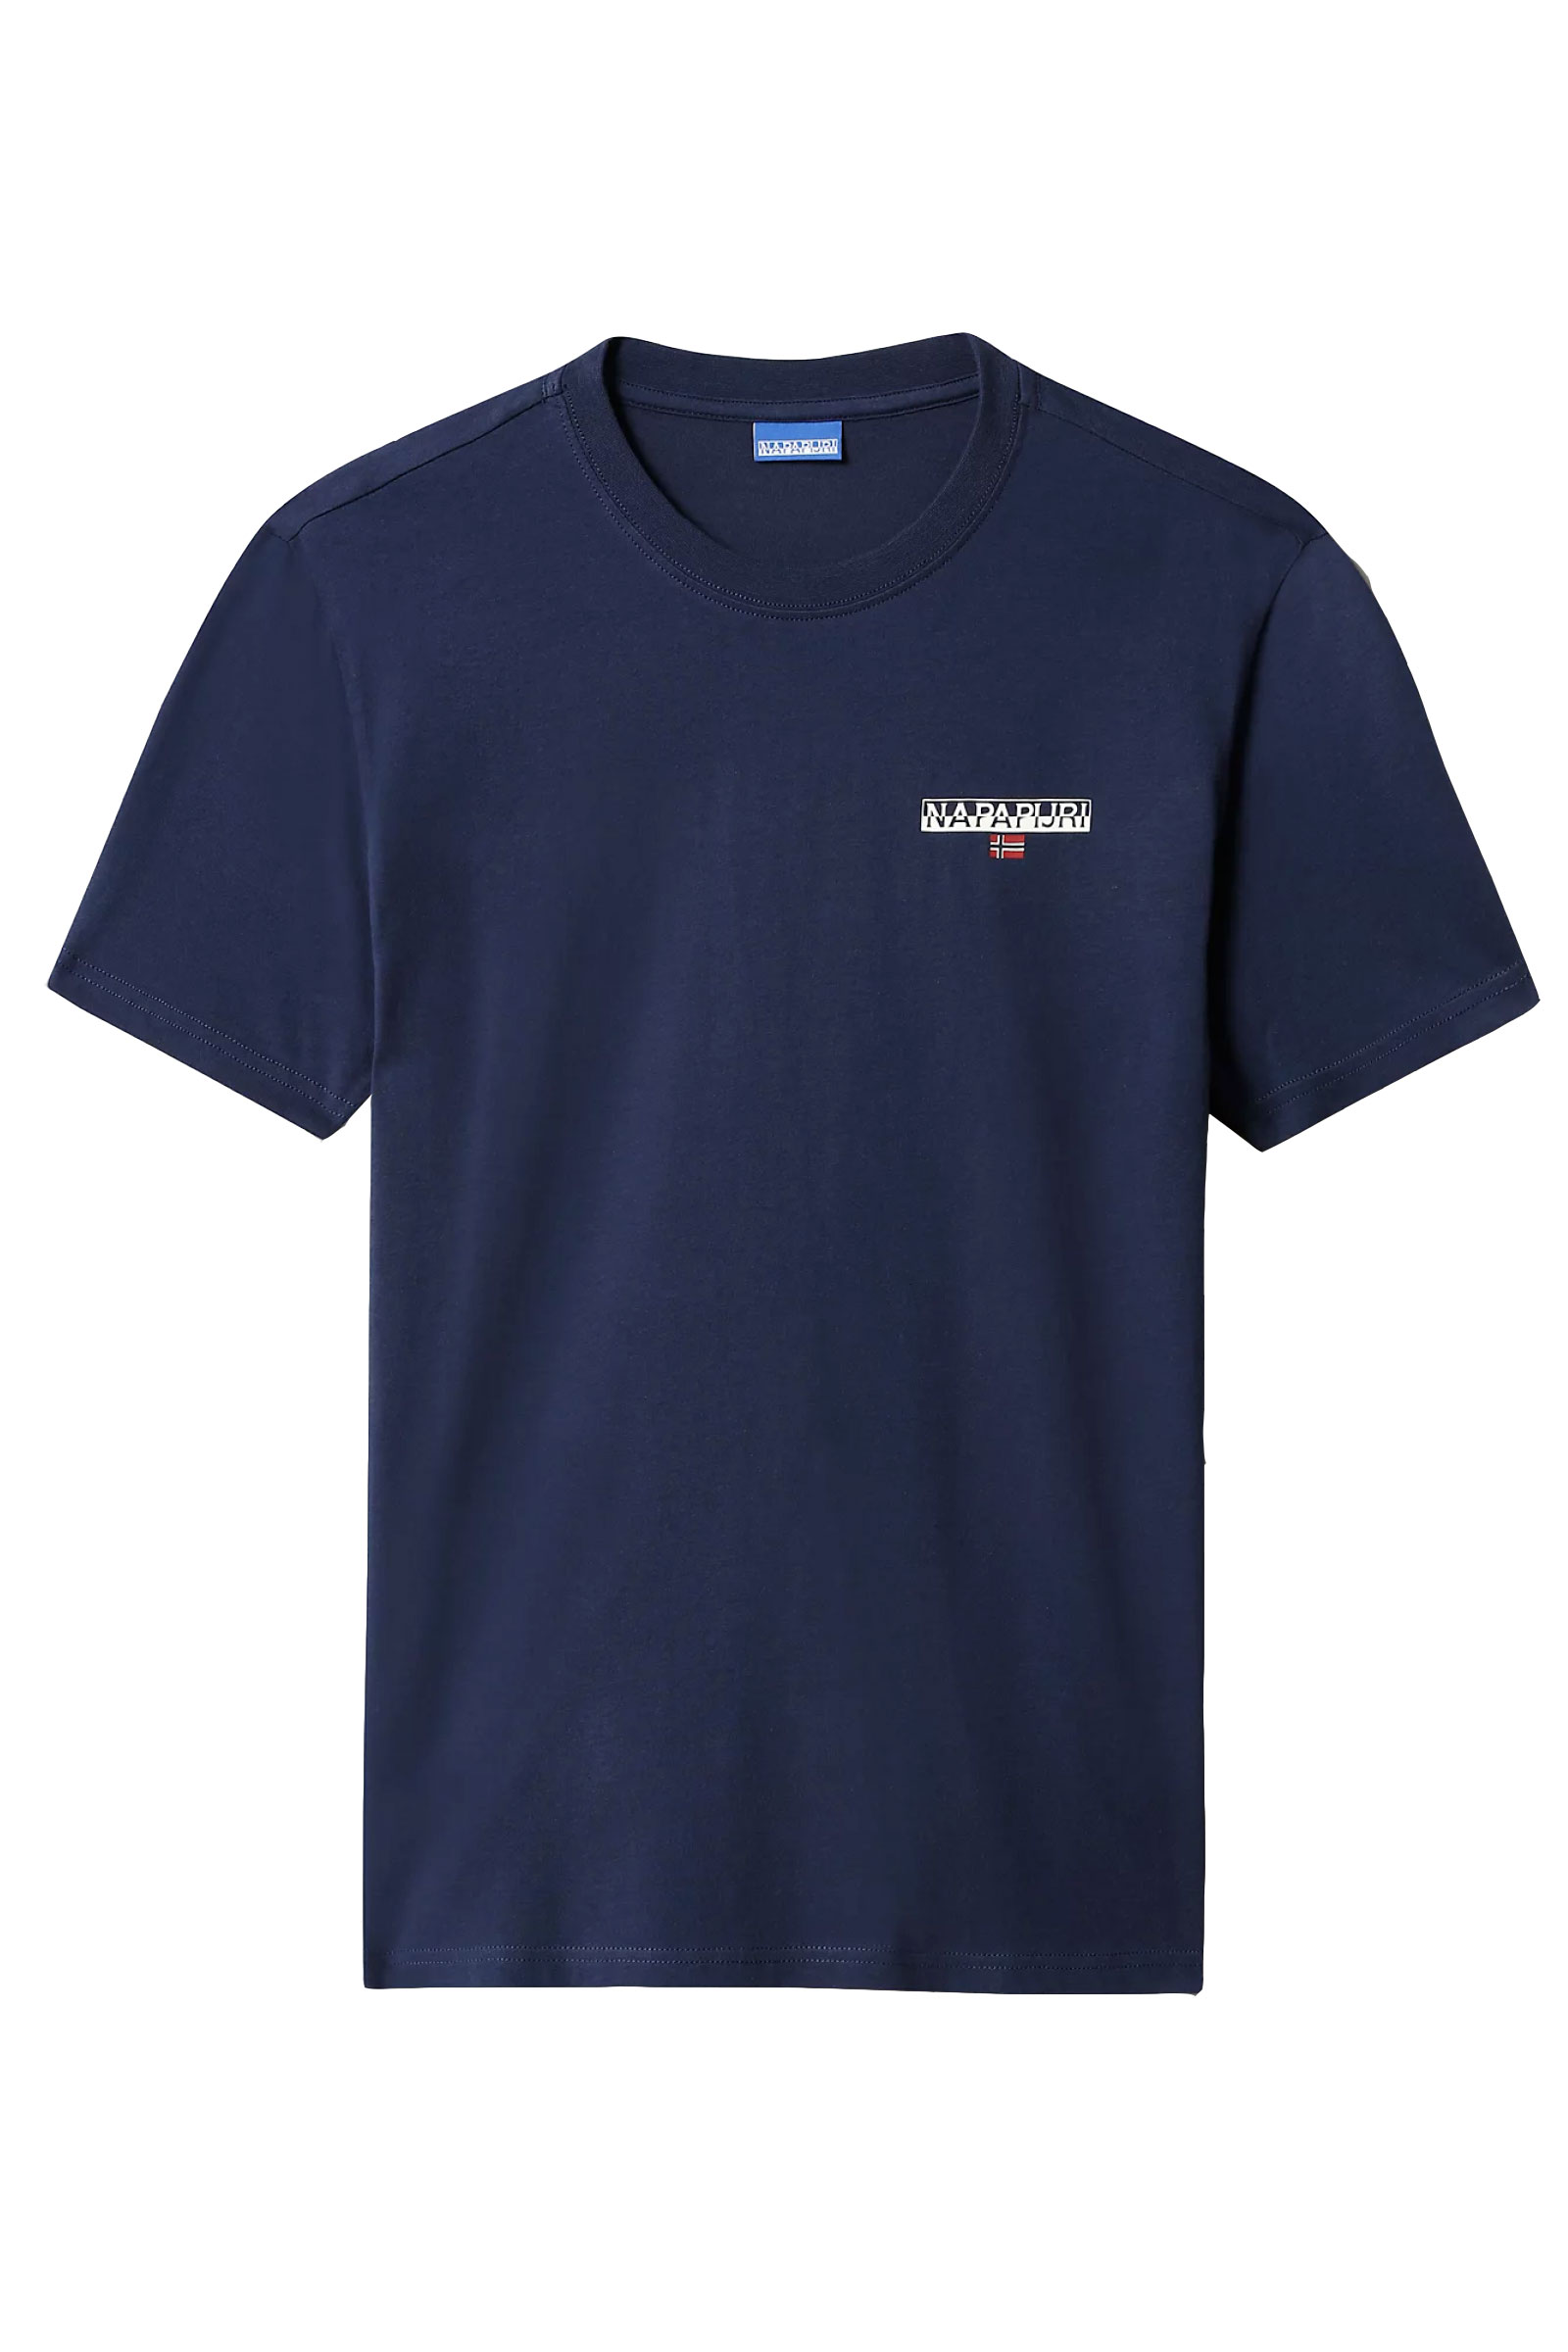 NAPAPIJRI | T-Shirt | NP0A4F6VBB61